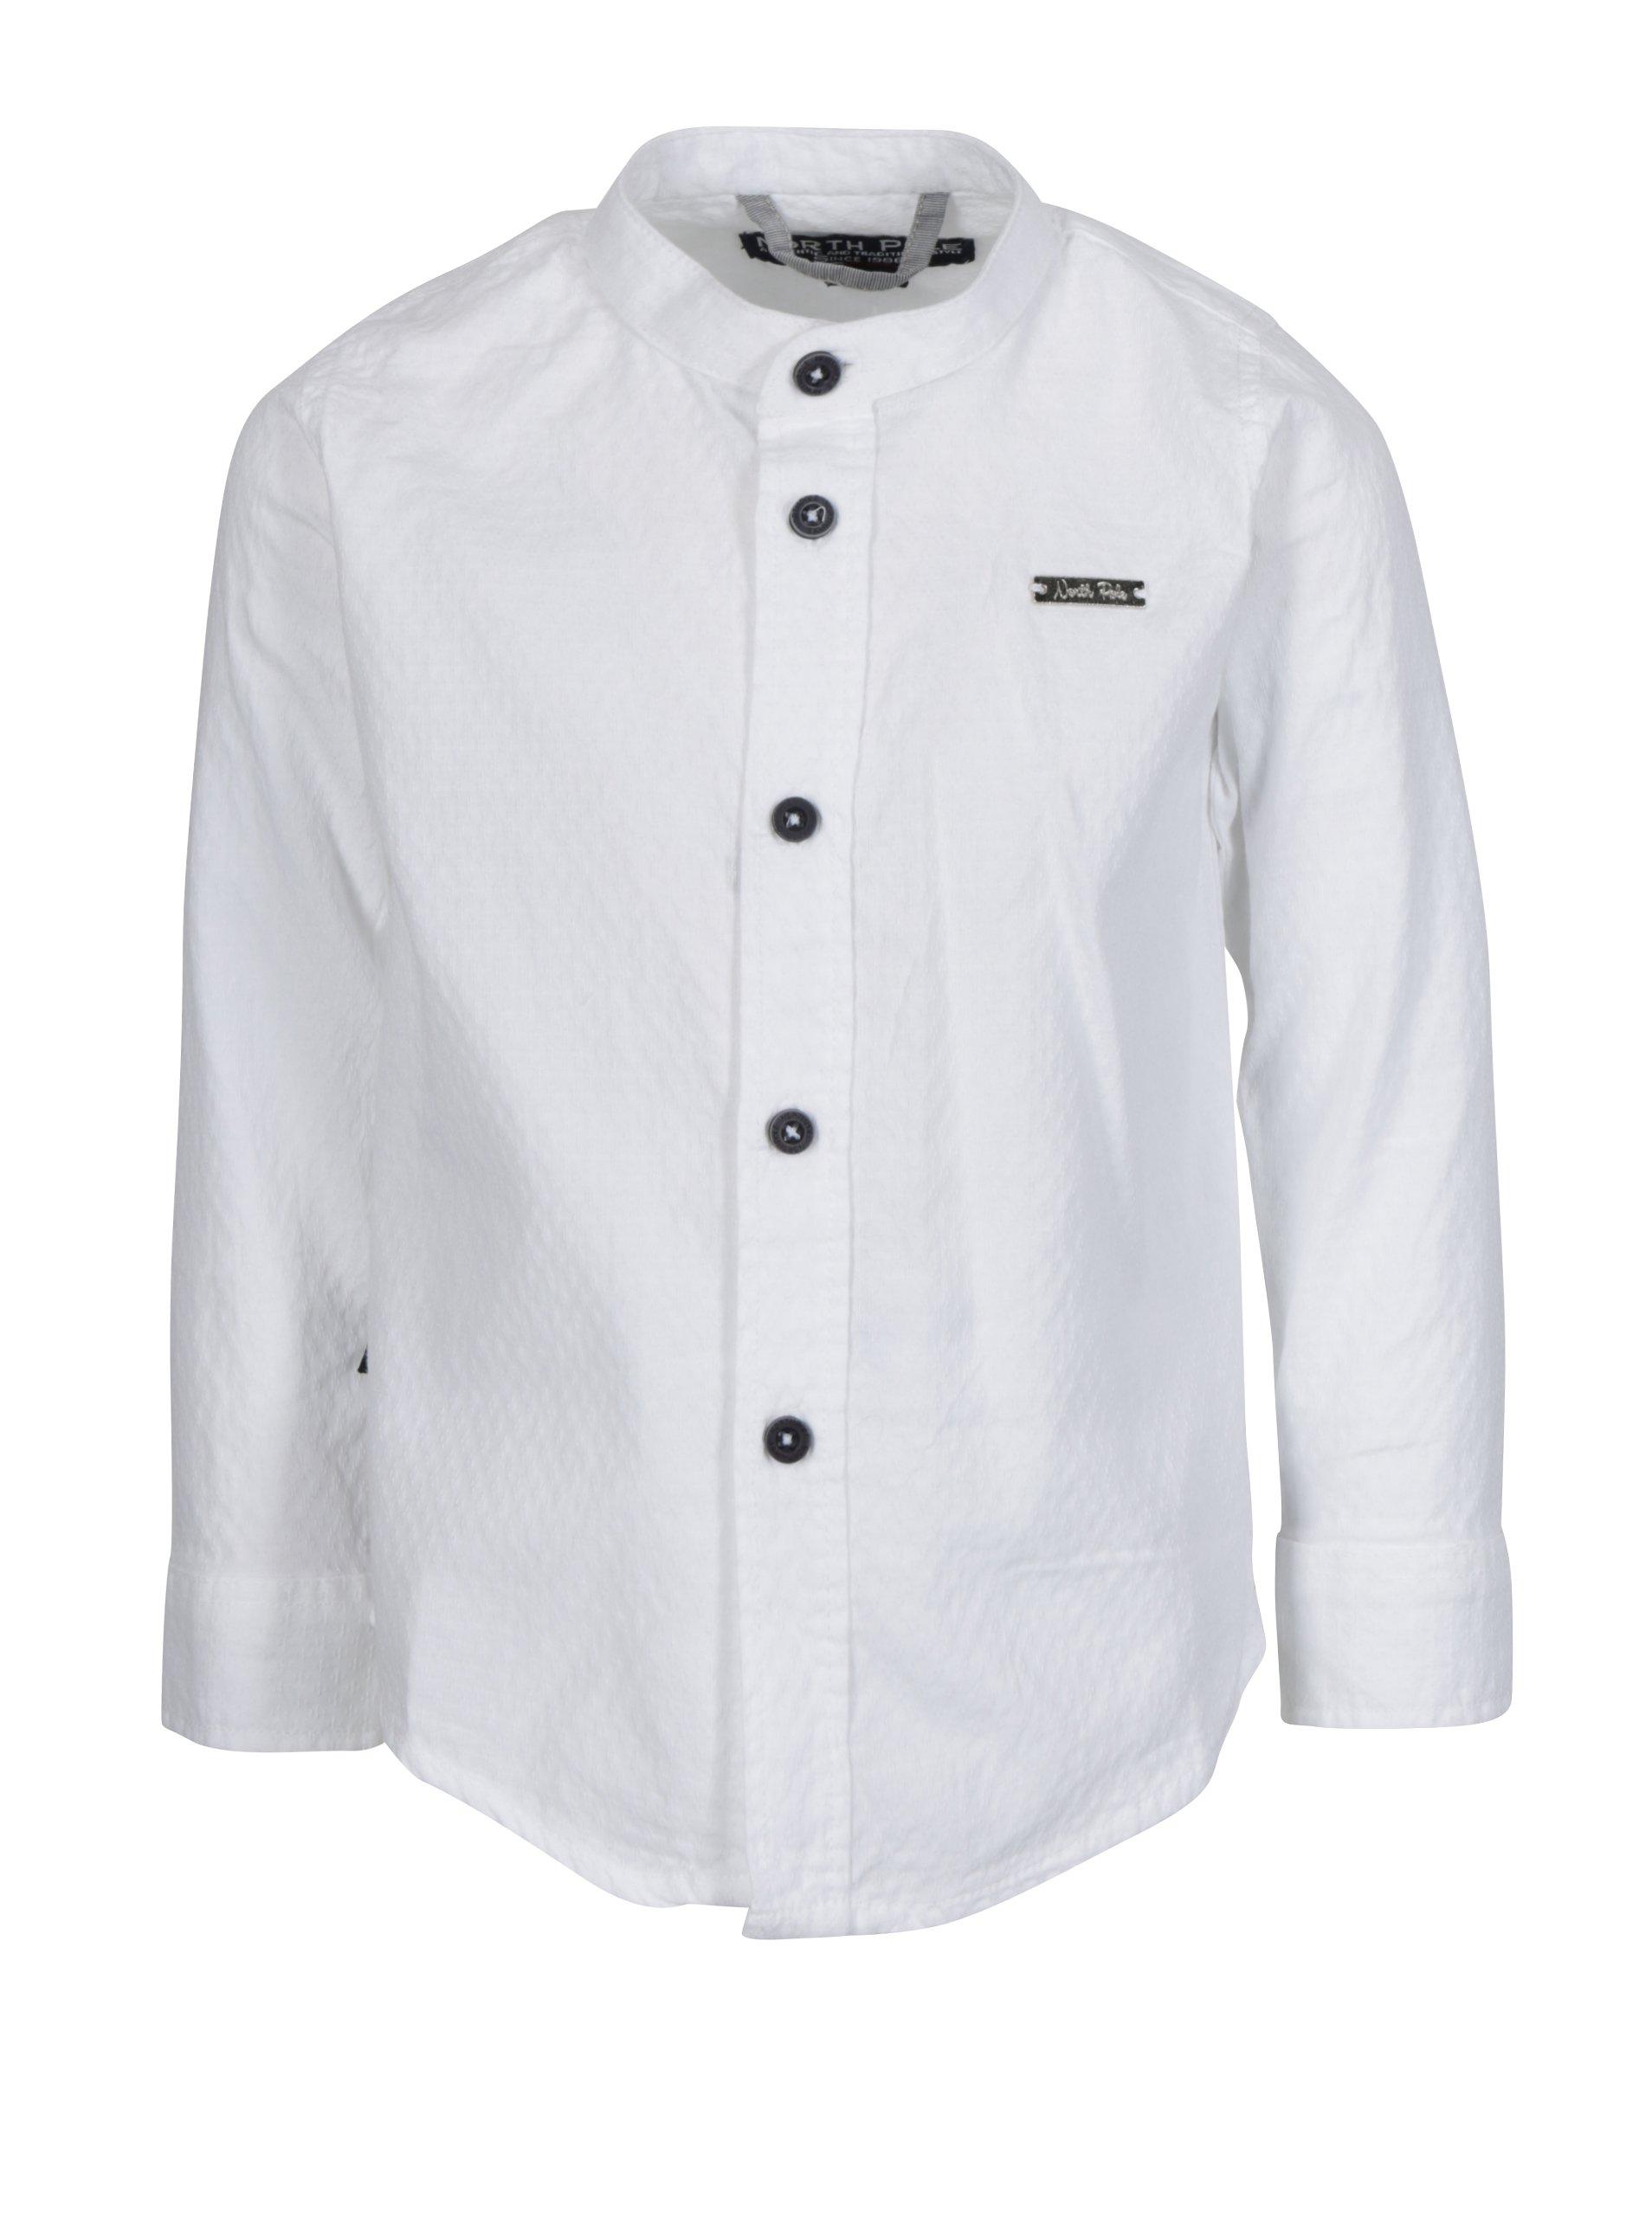 c860672f6d7c Biela chlapčenská košeľa s jemným vzorom North Pole Kids